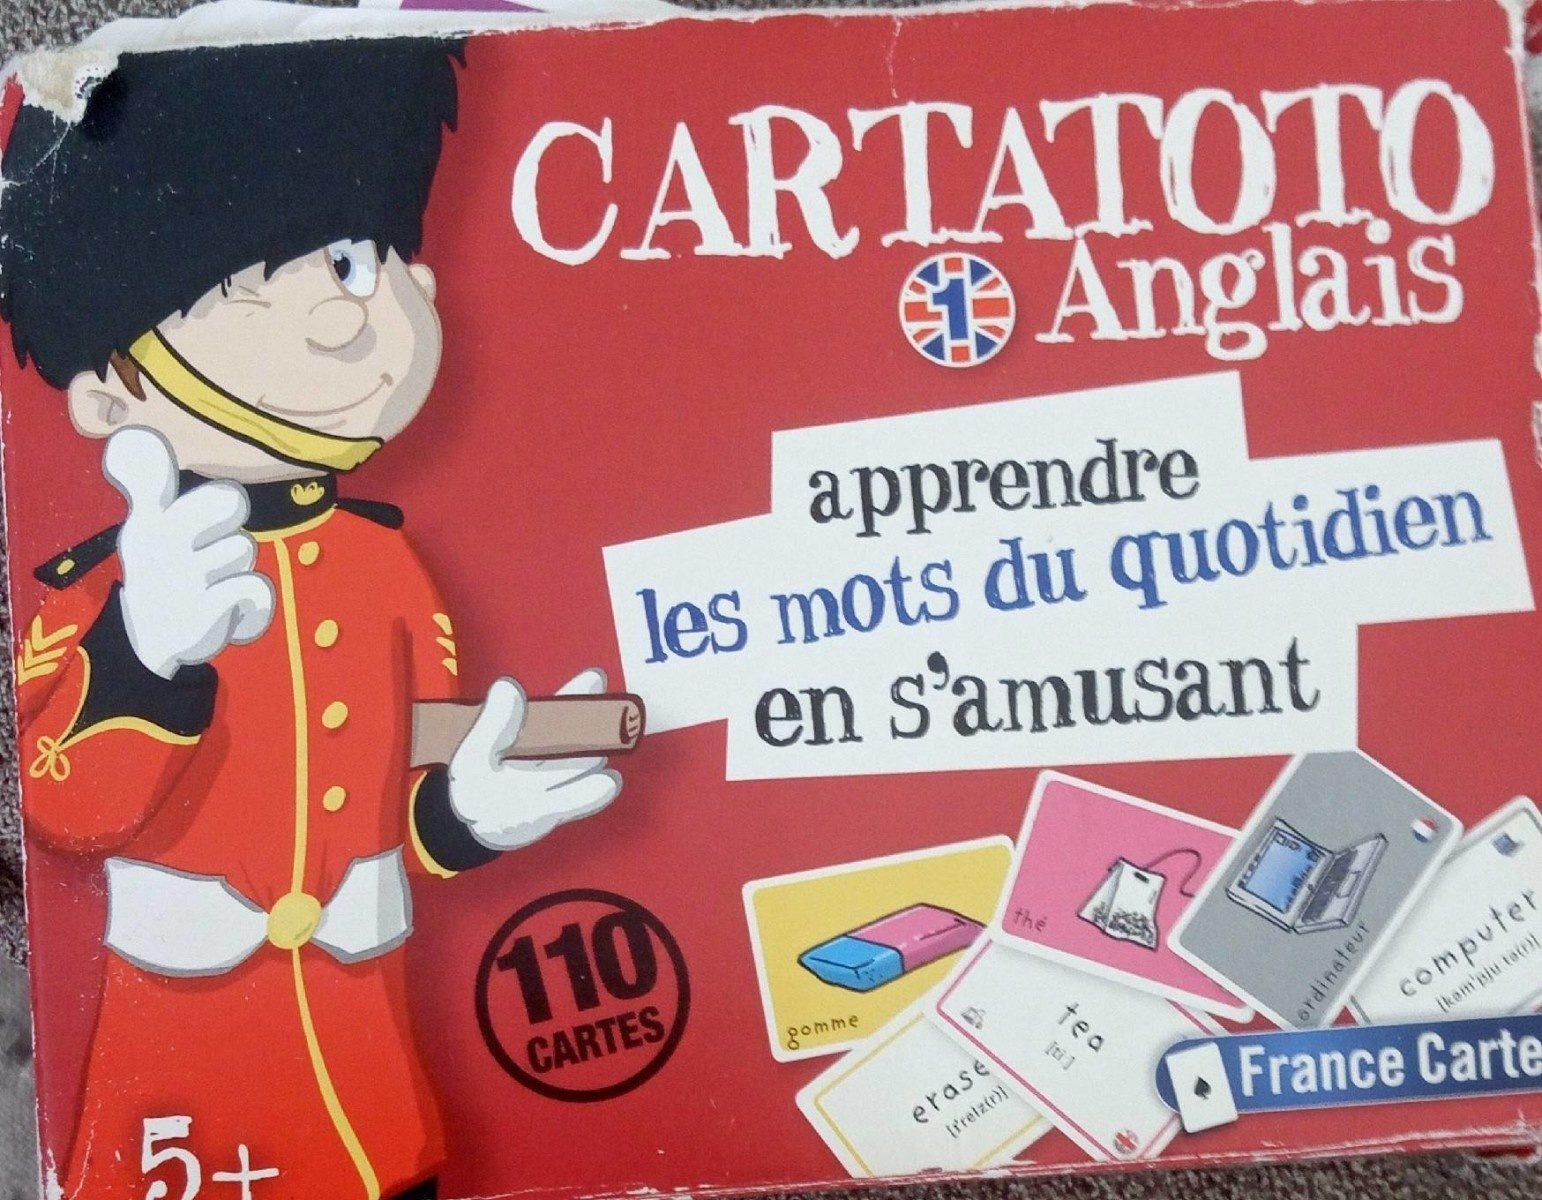 Cartatoto Anglais - Produit - fr